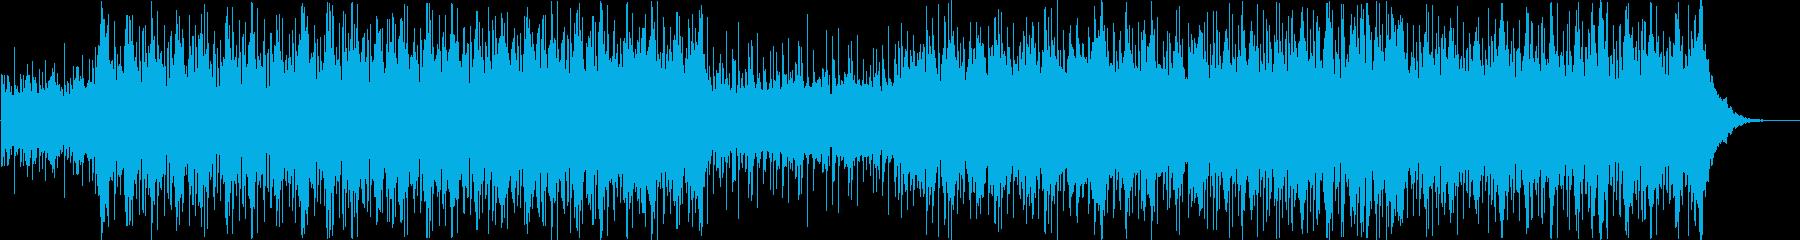 シンセサイザー、e-ピアノ、パーカ...の再生済みの波形